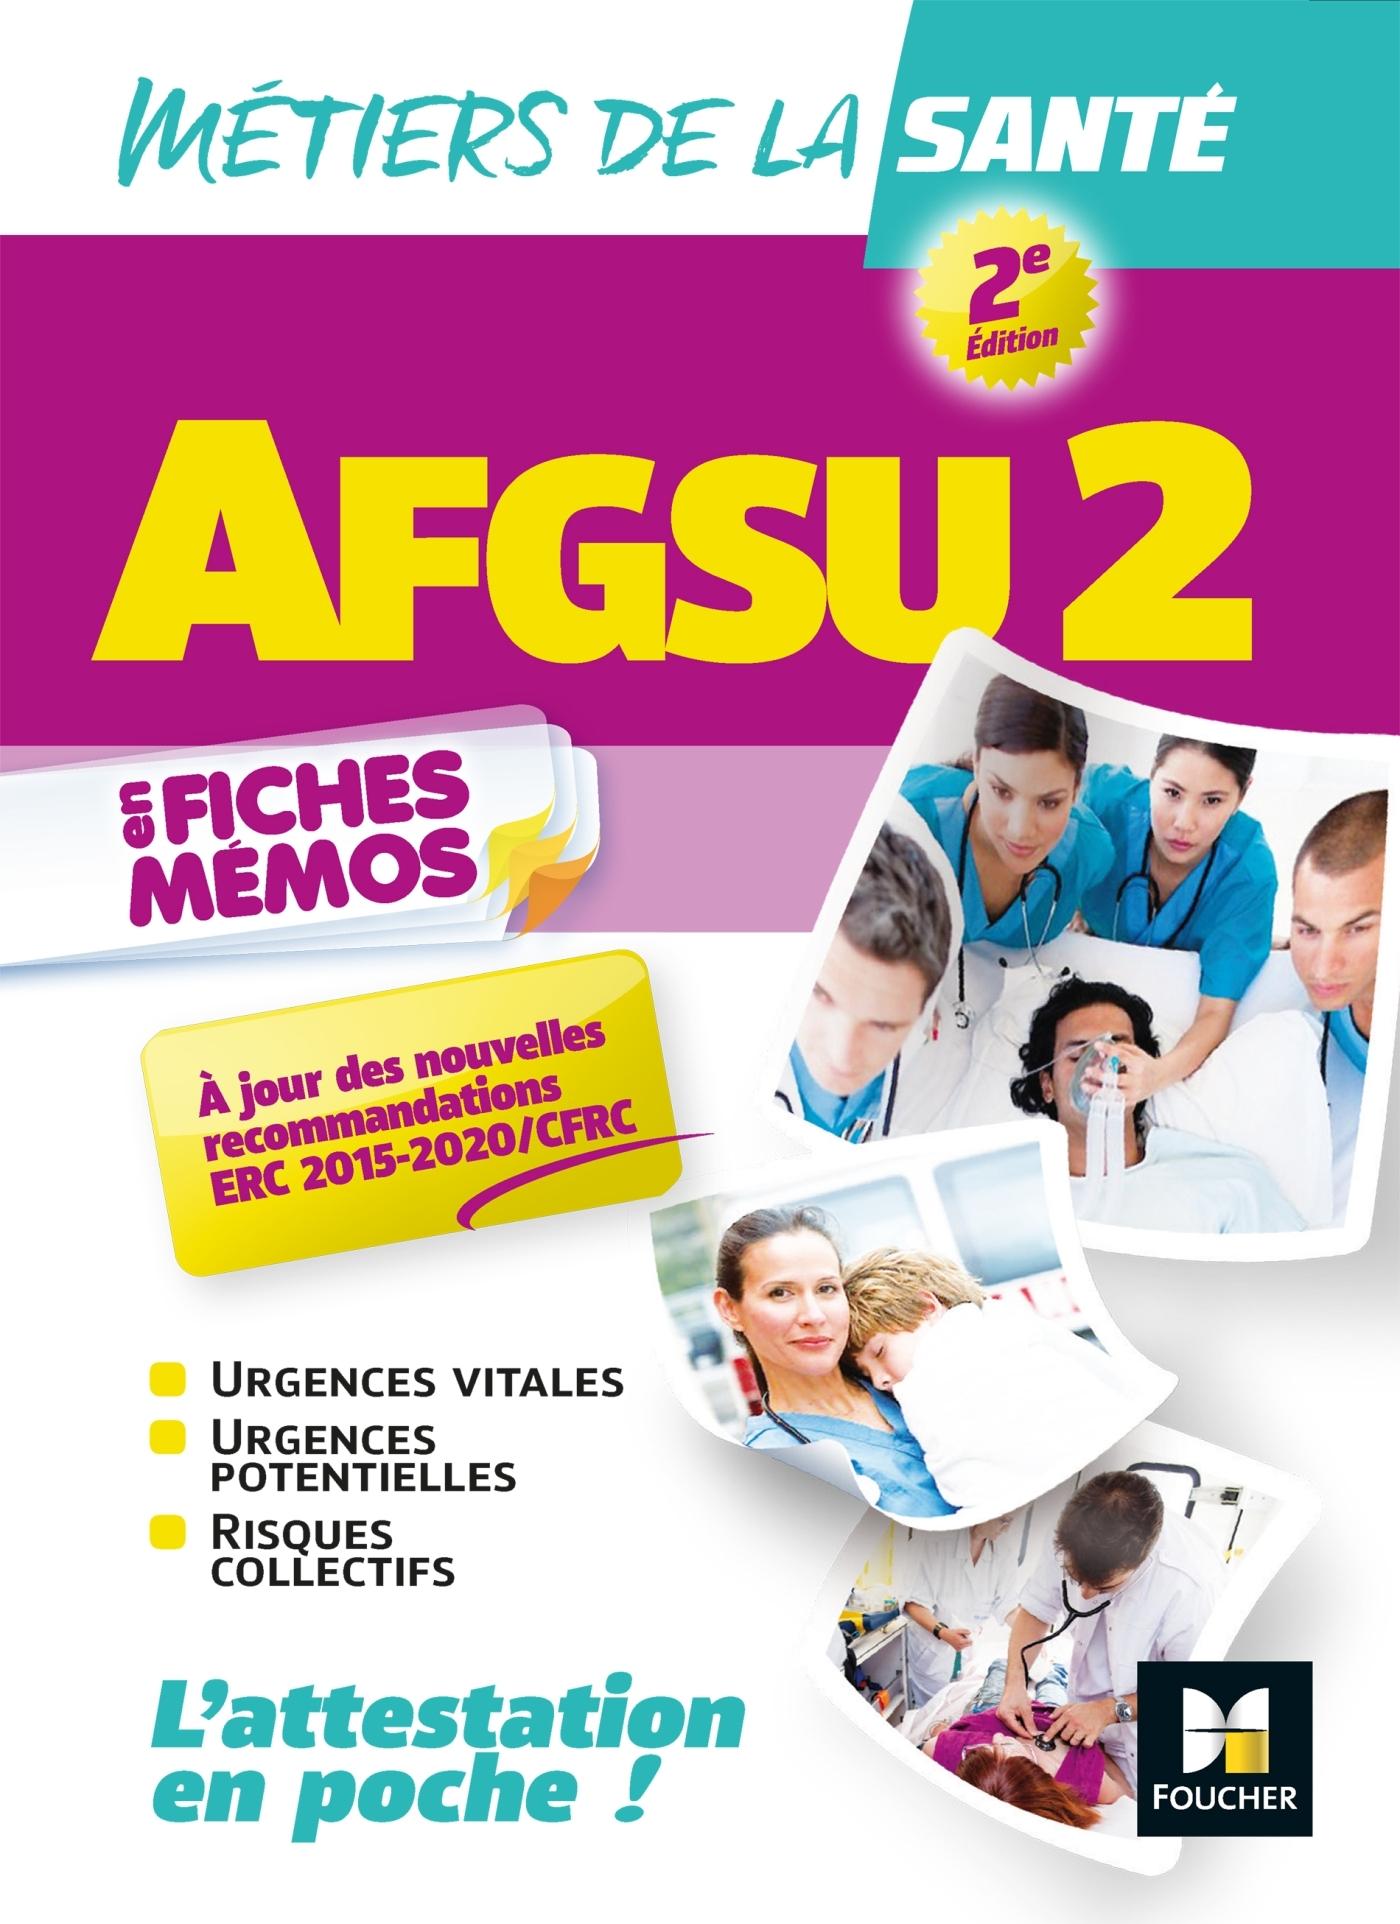 AFGSU 2 - METIERS DE LA SANTE - 2E EDITION  - REVISION